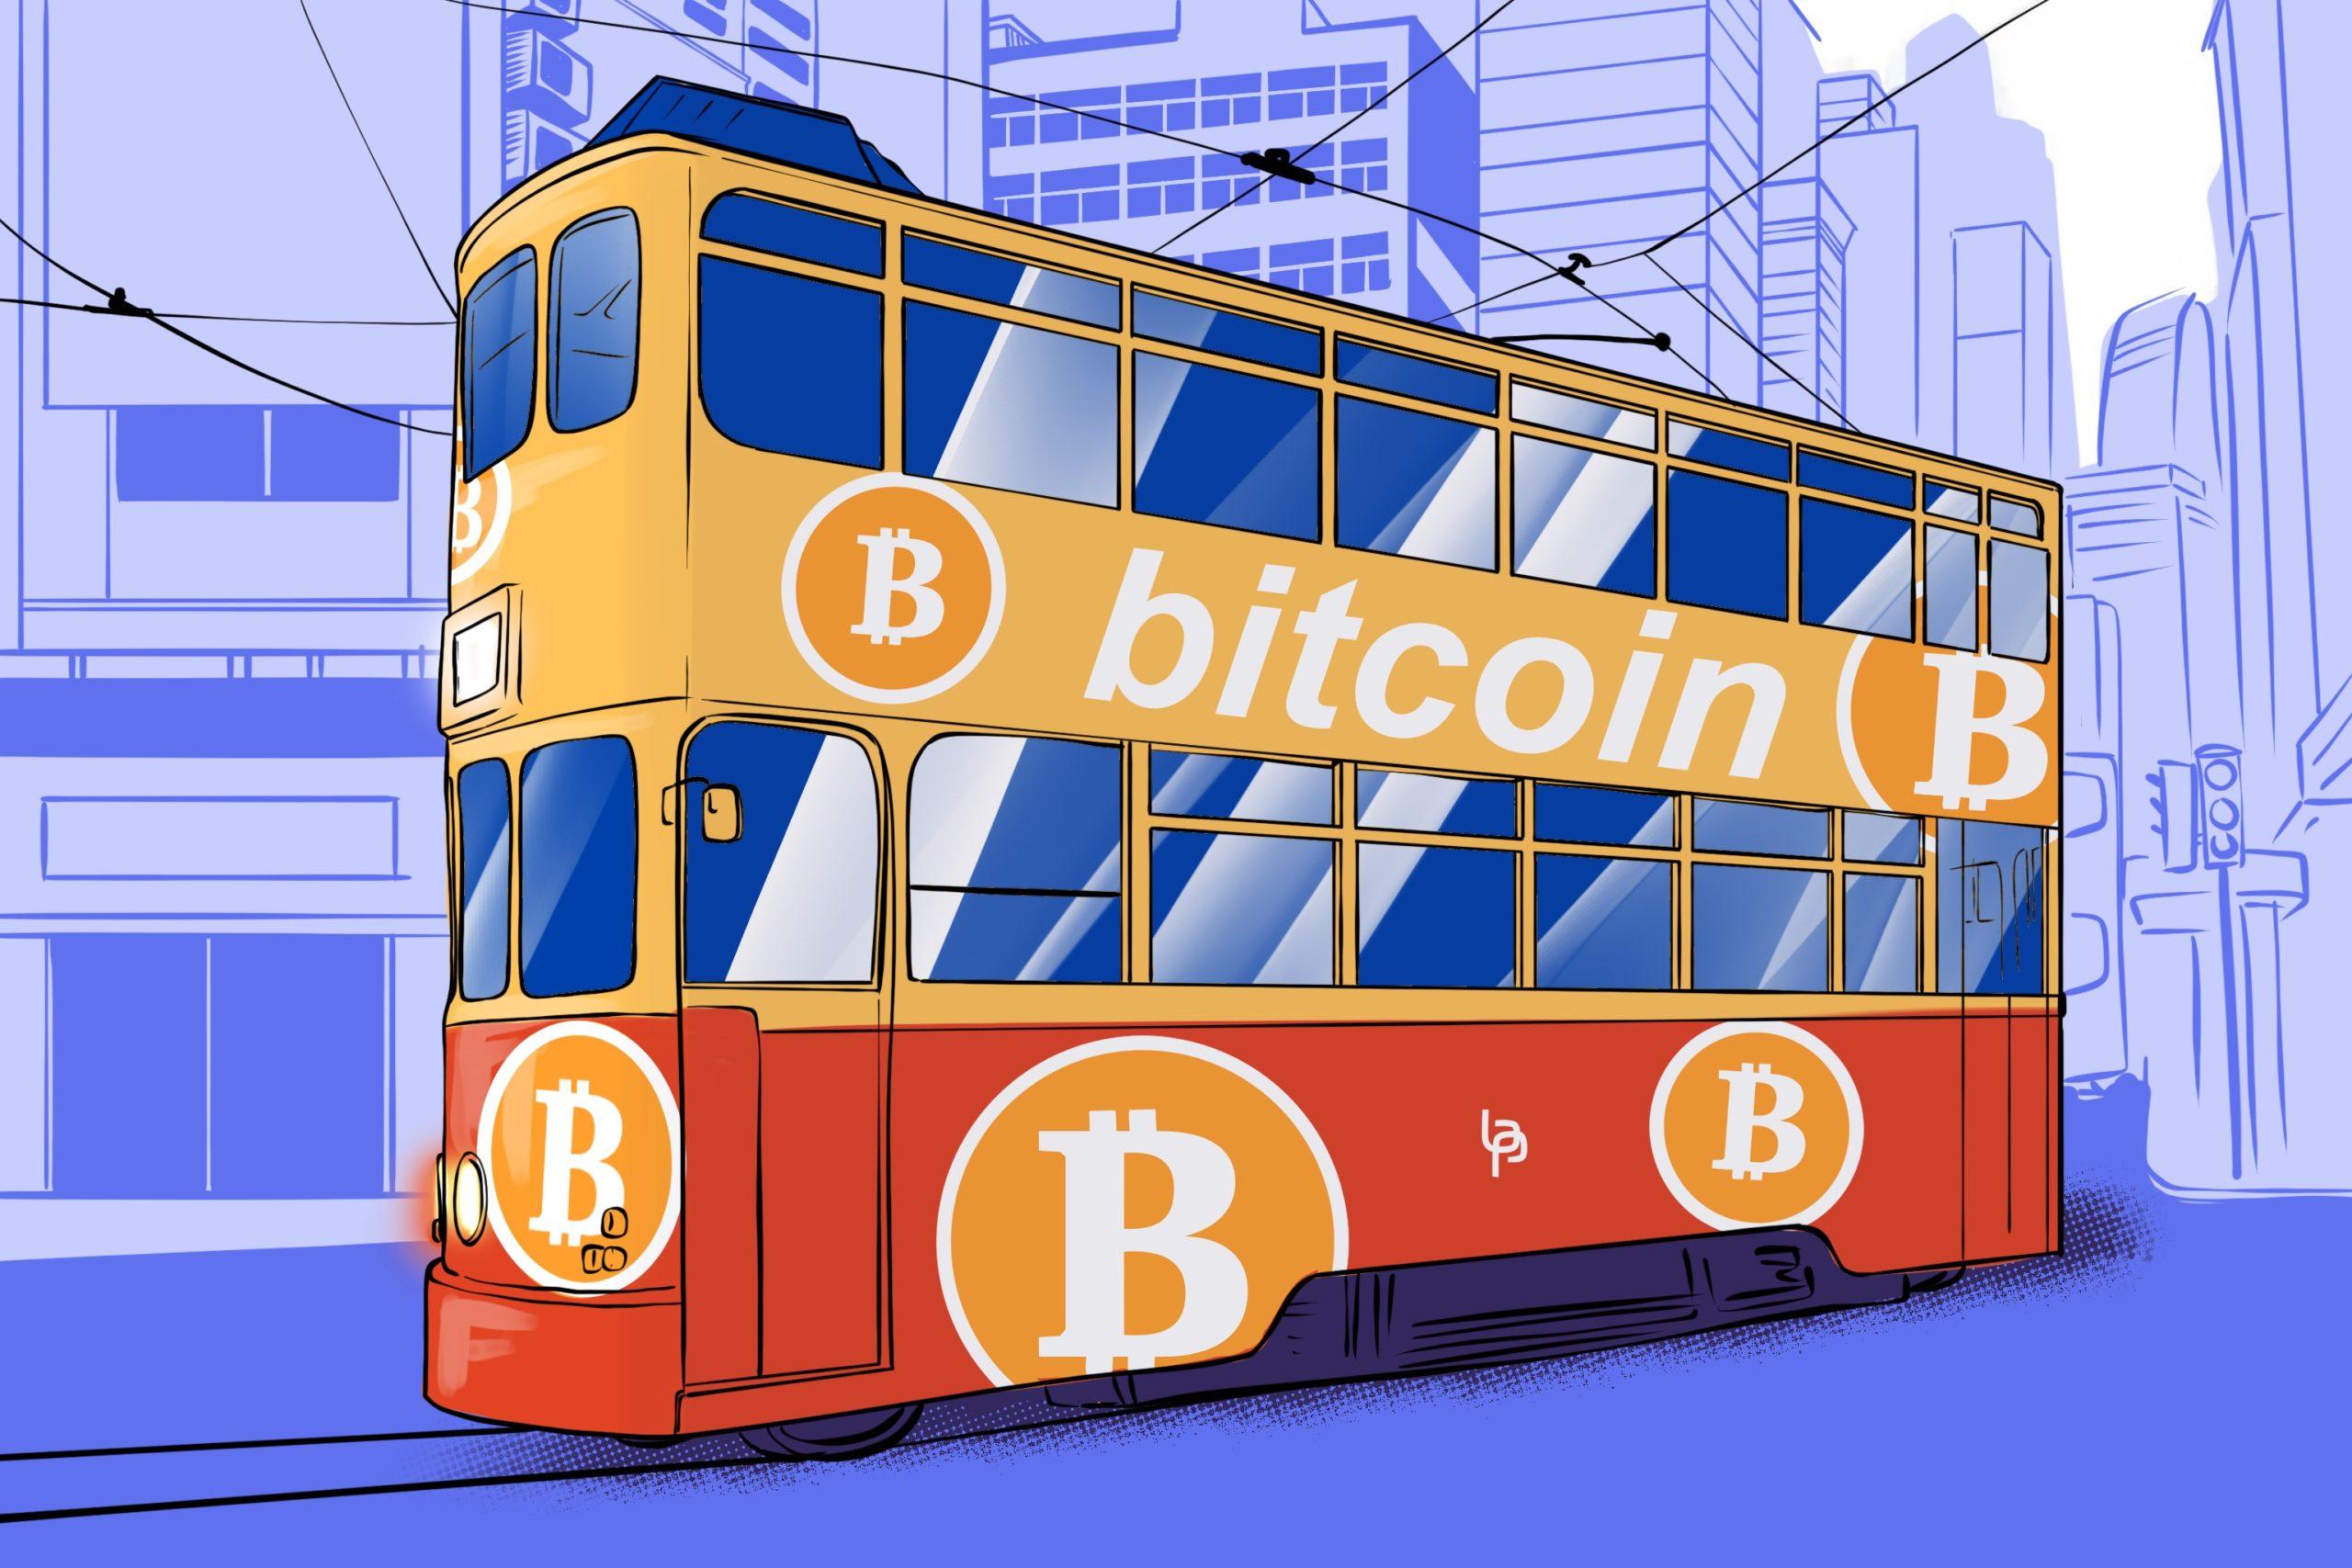 Ассоциация BTC Гонконга развернула рекламную кампанию с участием местных трамваев